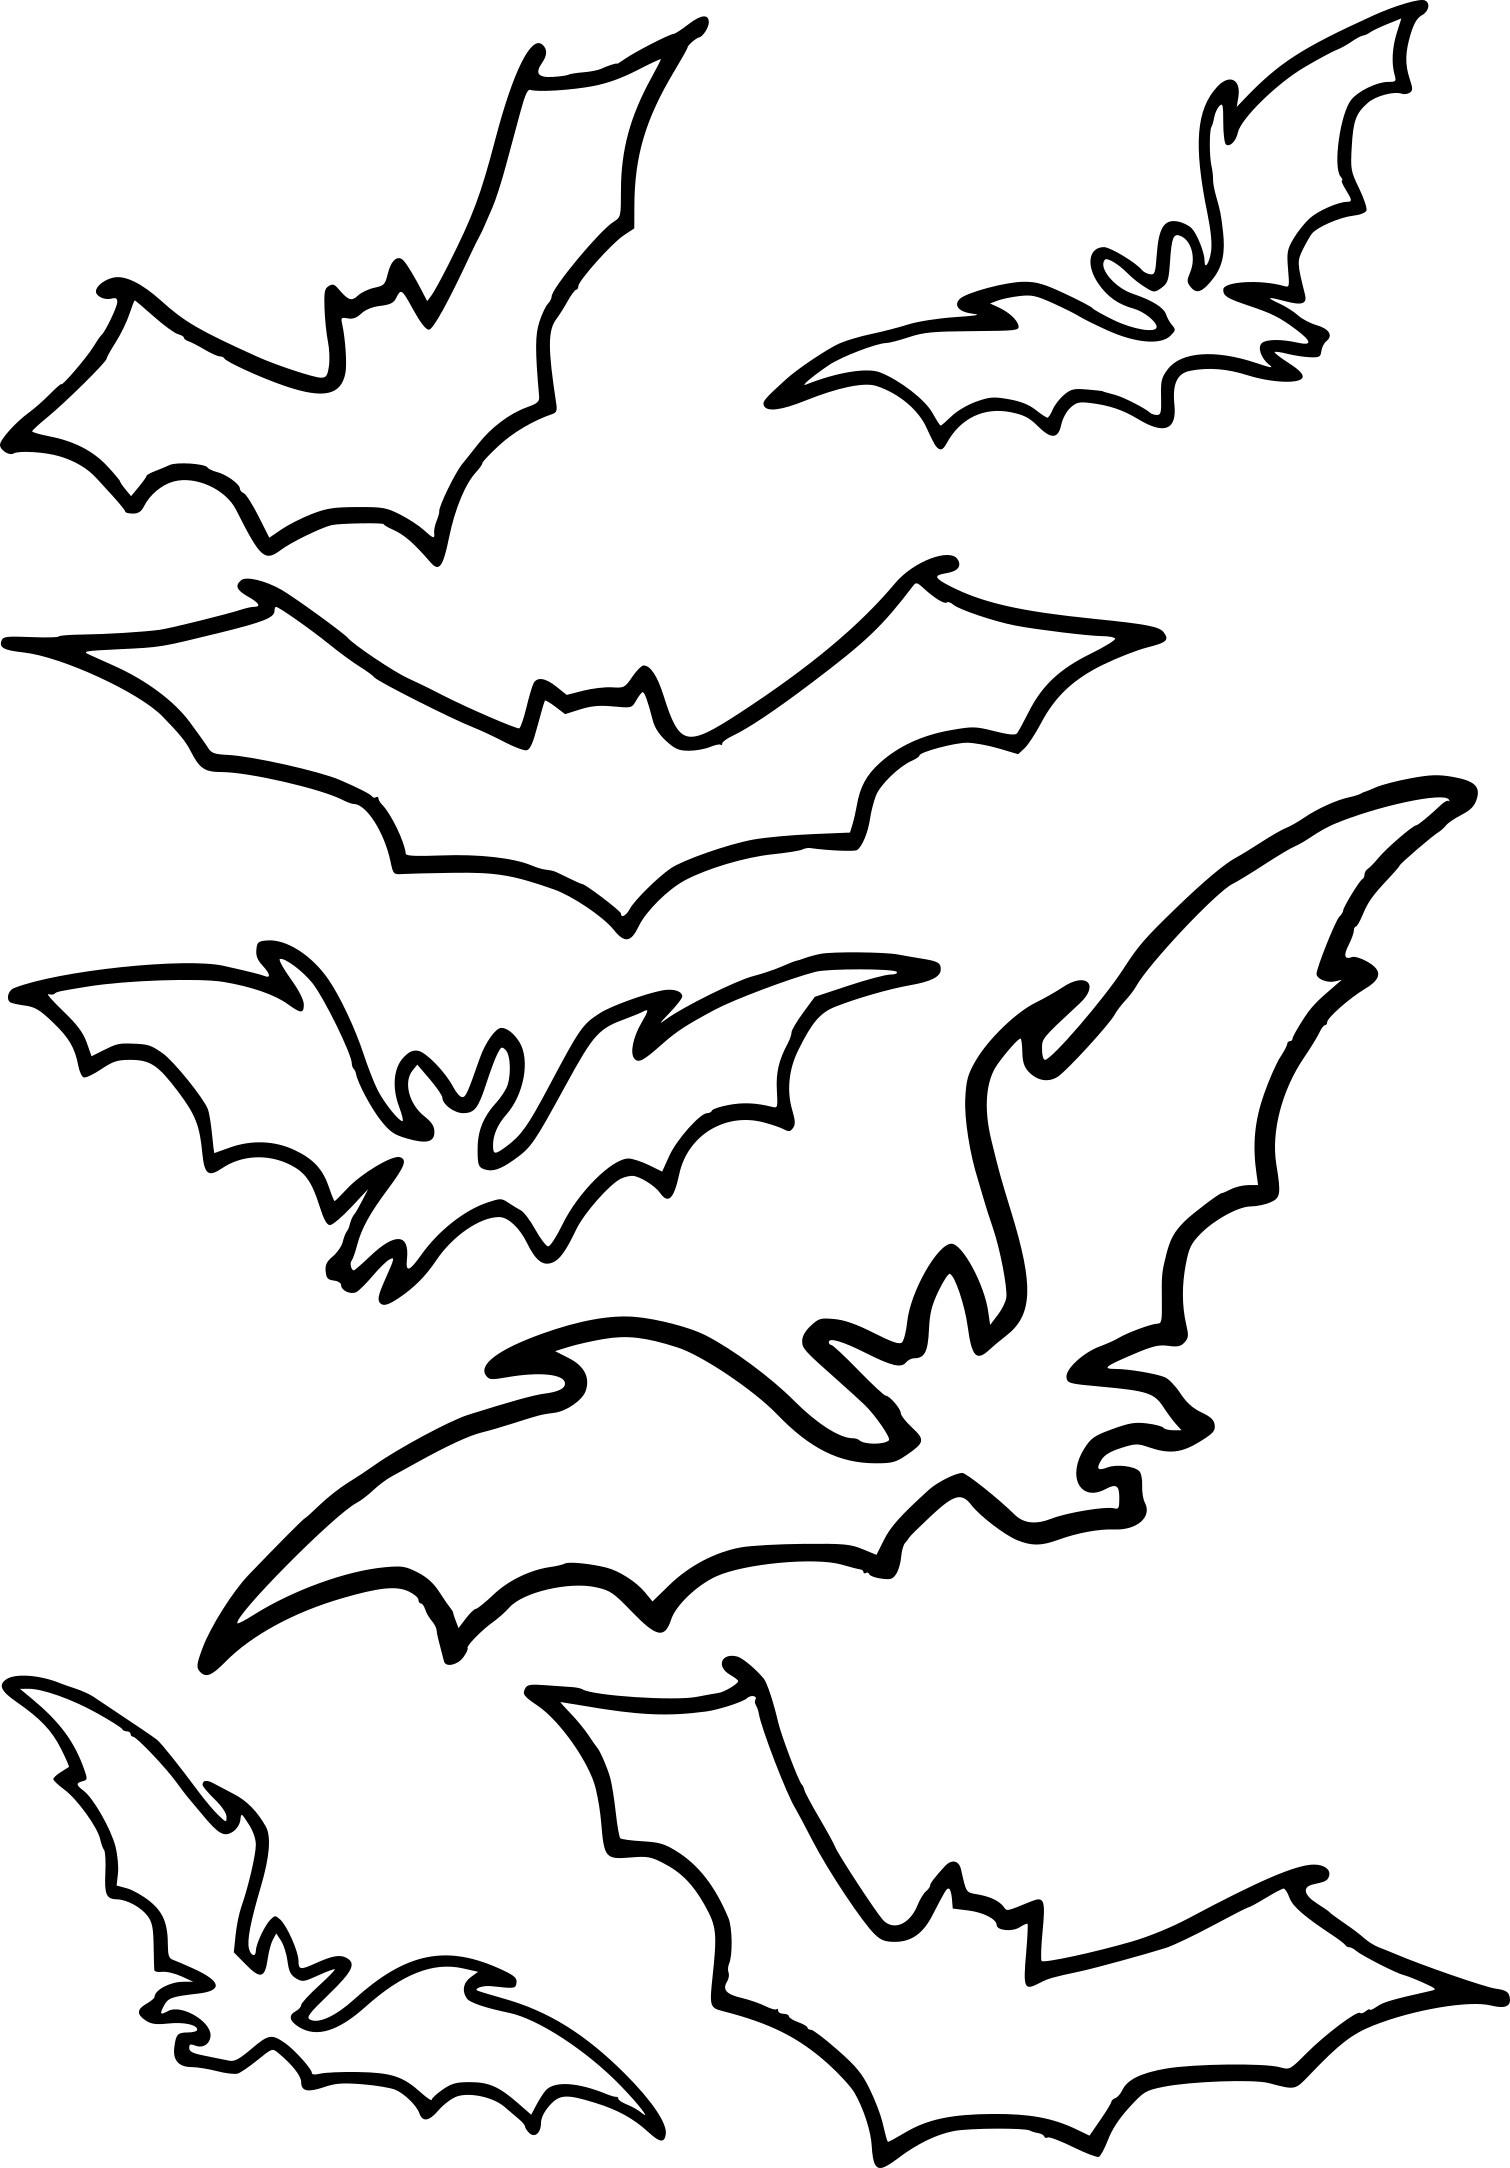 Coloriage Chauve-Souris Batman À Imprimer Sur Coloriages concernant Dessin Chauve Souris À Colorier